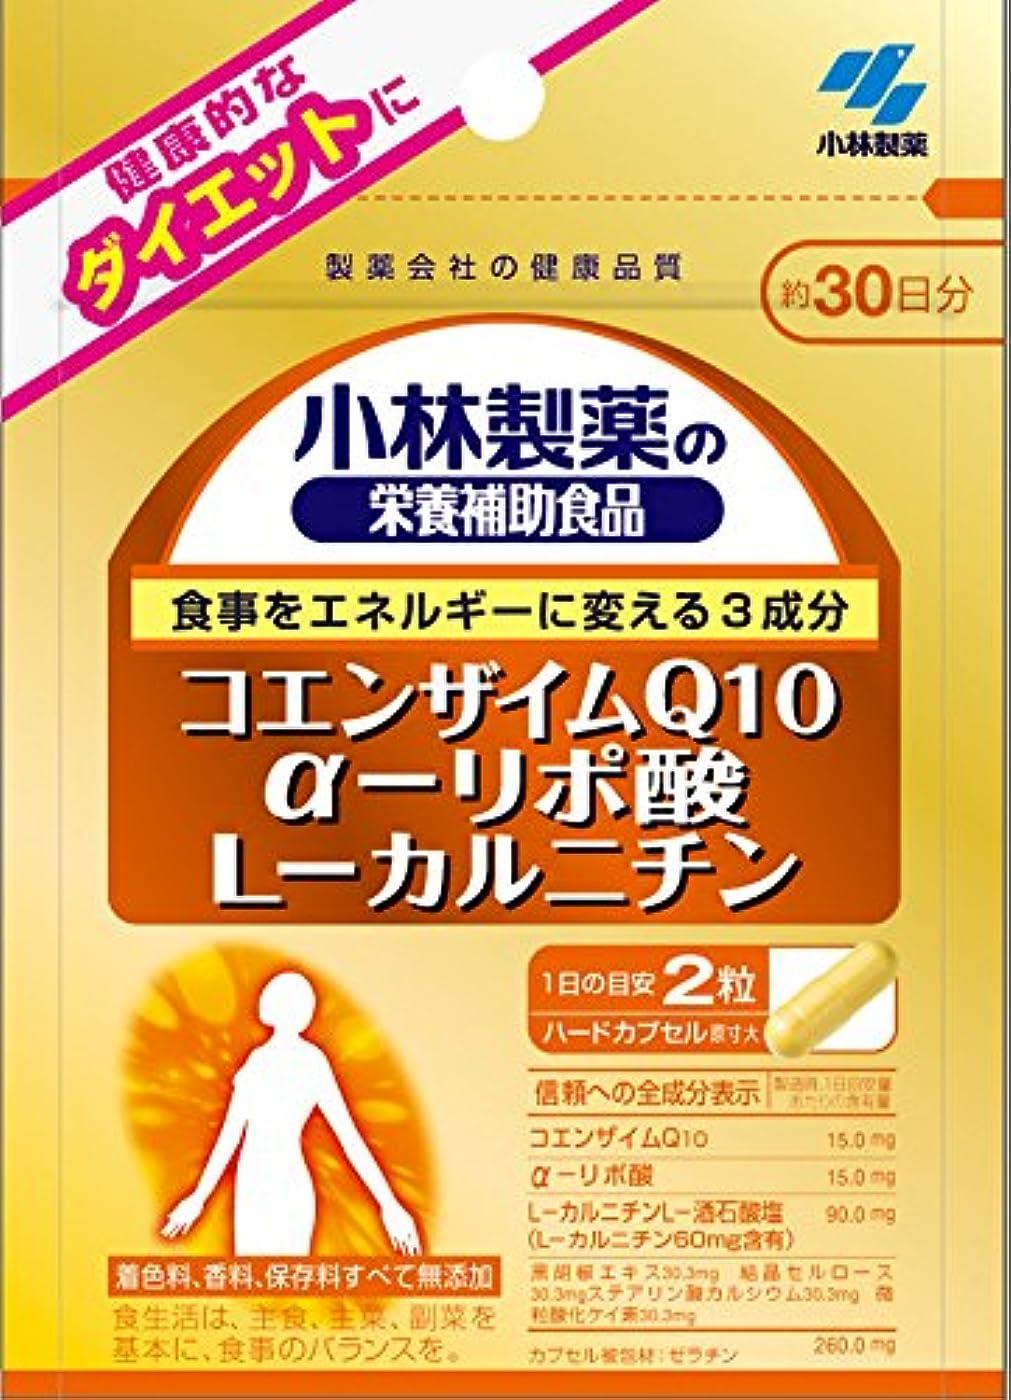 シニスチャレンジ添加小林製薬の栄養補助食品 コエンザイムQ10 α-リポ酸 L-カルニチン 約30日分 60粒